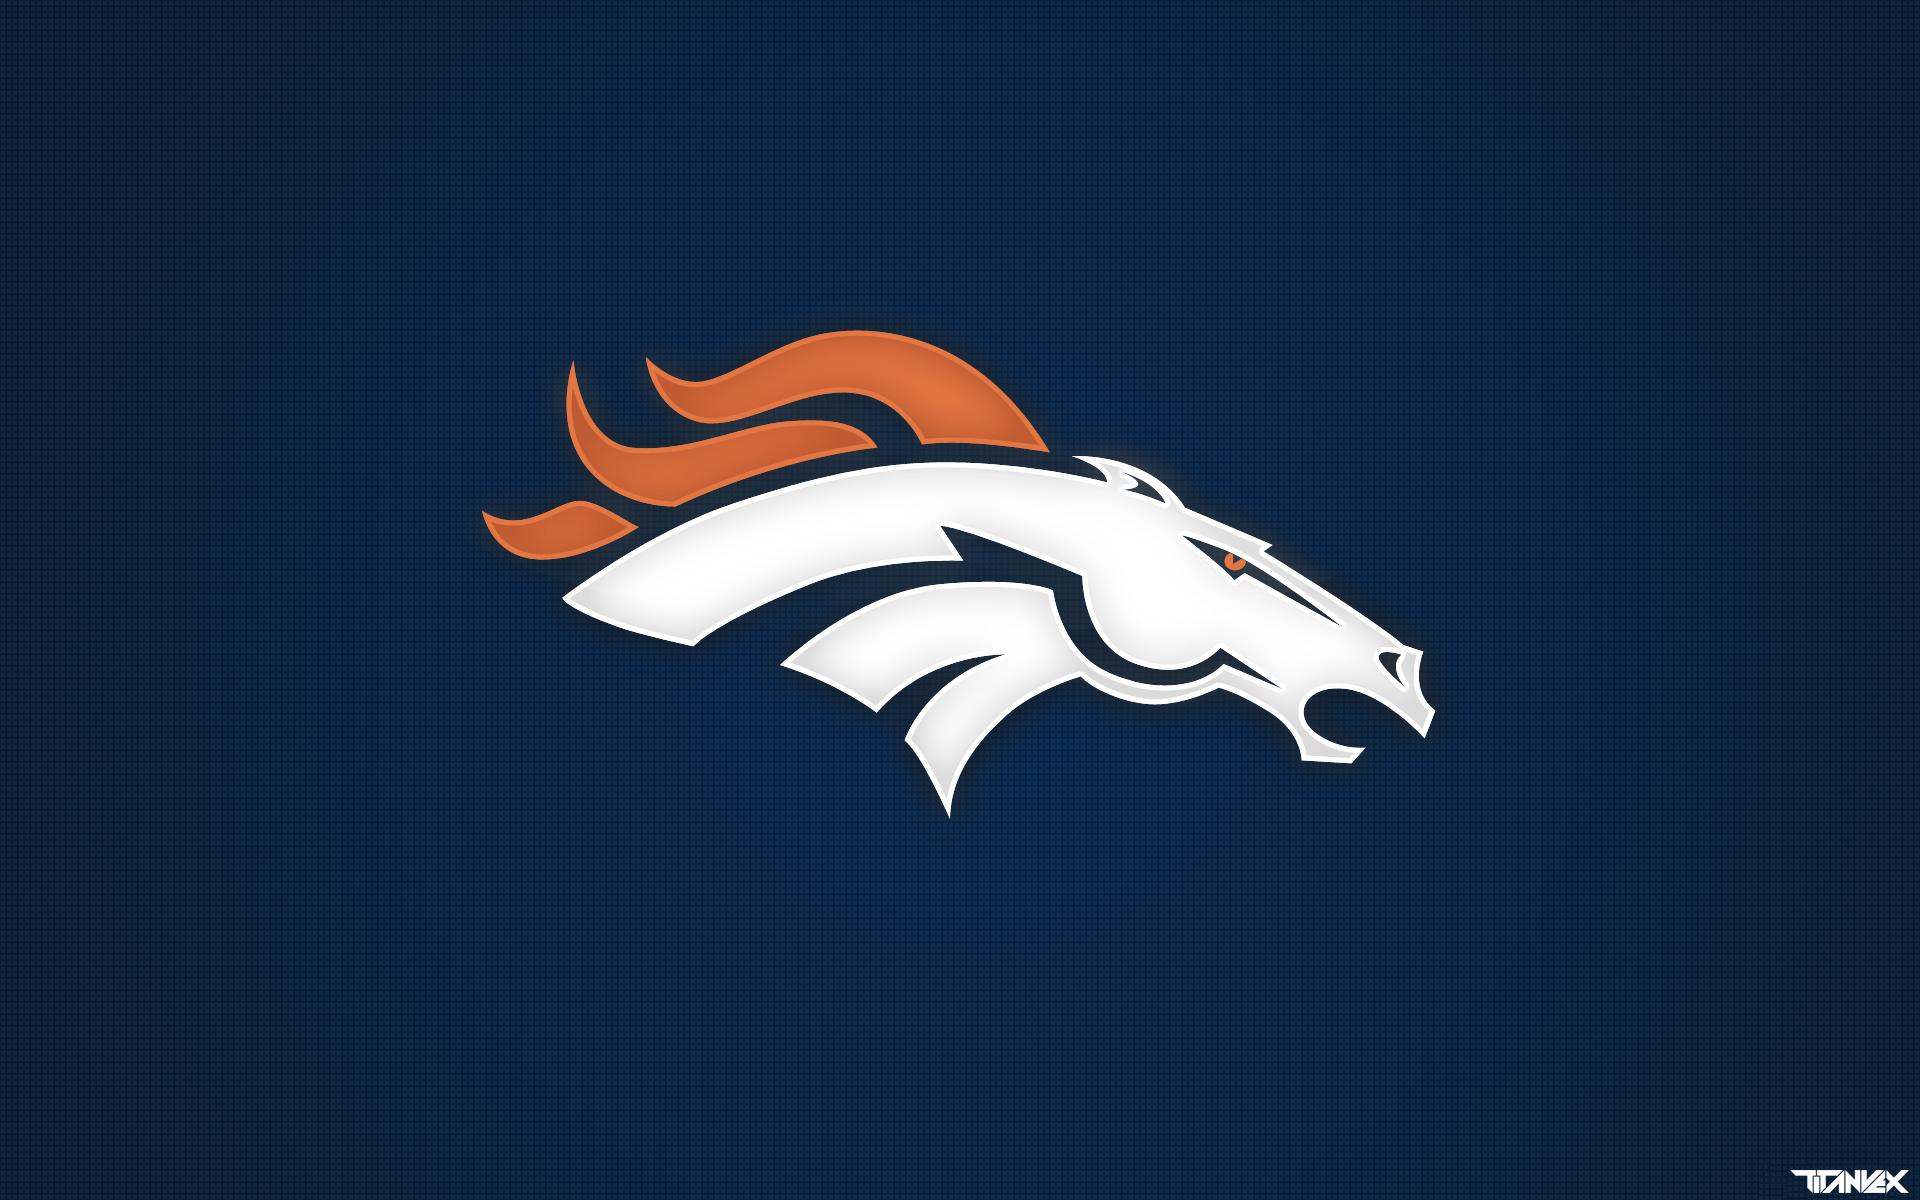 Denver Broncos Logo wallpaper 255328 1920x1200